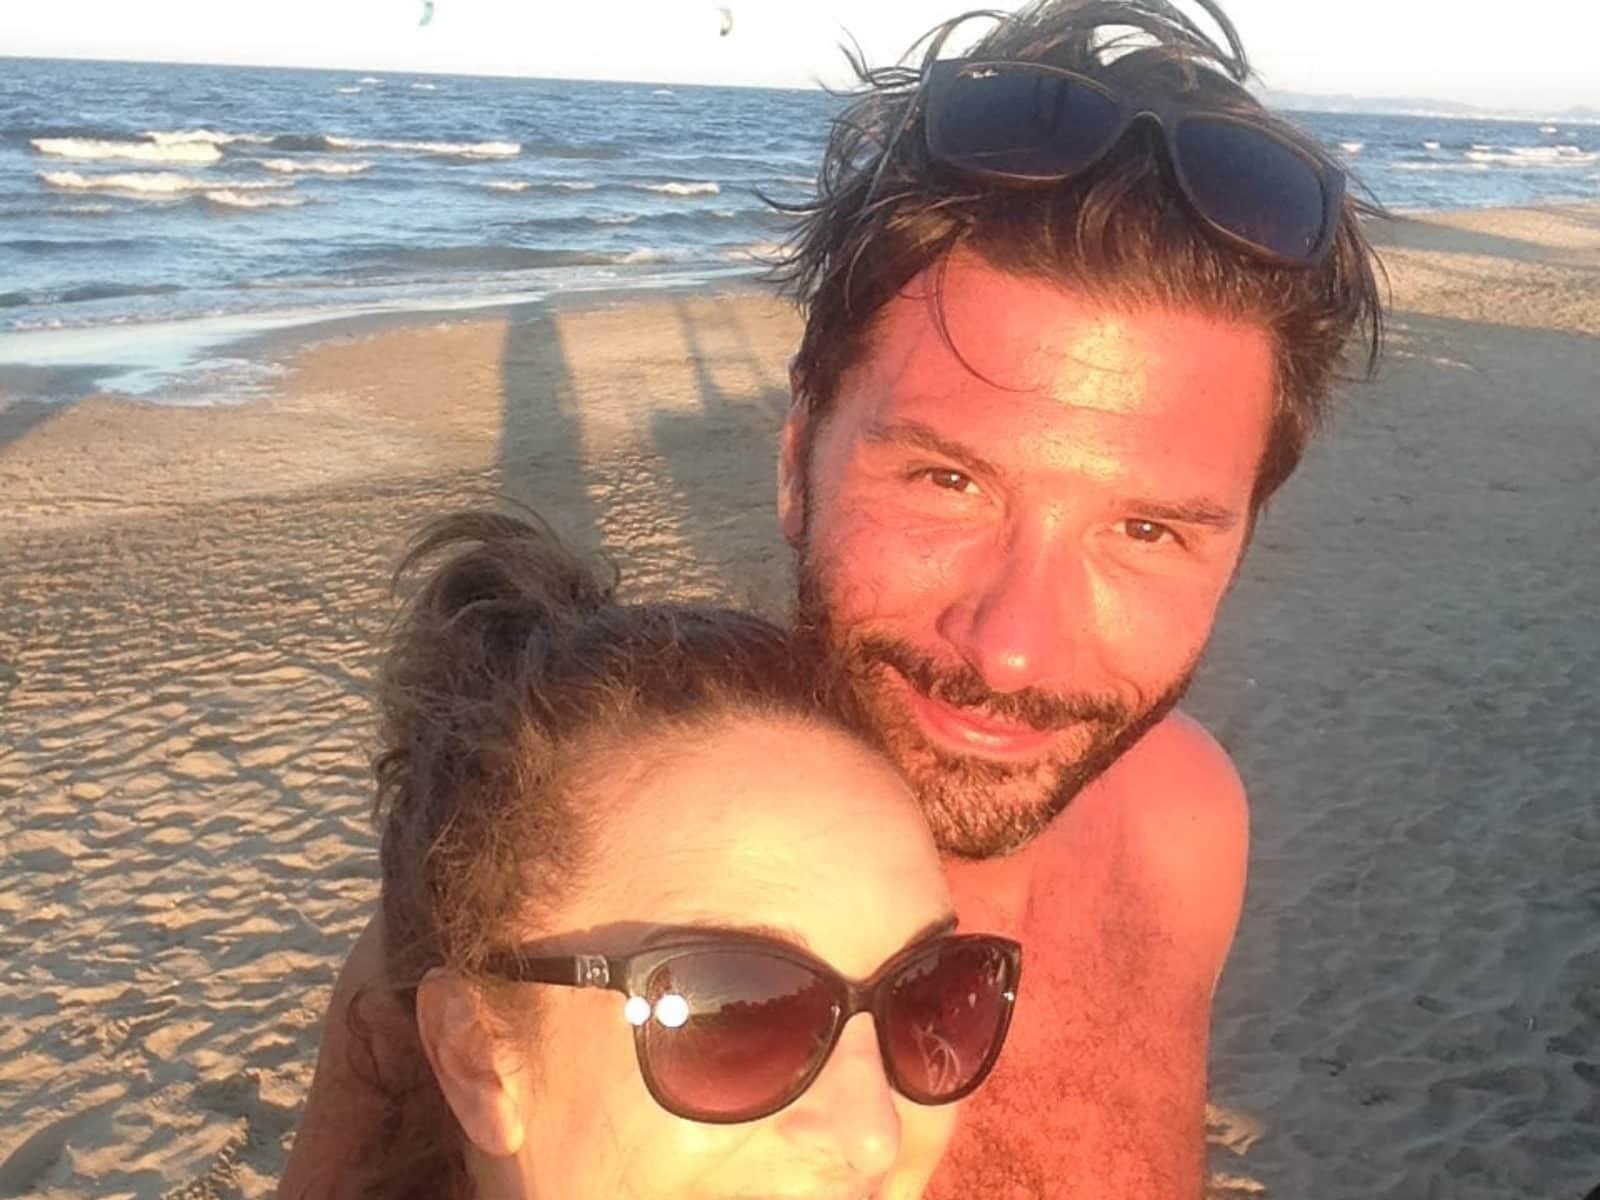 Maria giulia & Gian francesco from Bologna, Italy